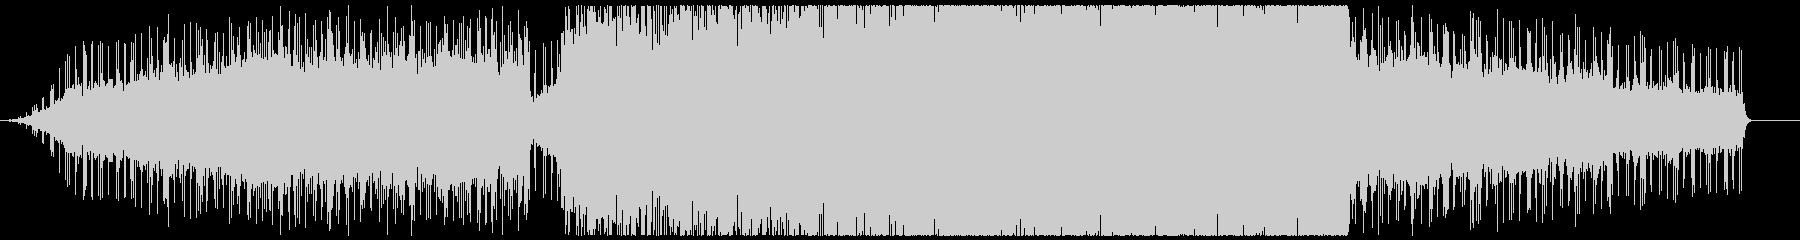 シンセのワンリフに様々な楽器が重なるの未再生の波形